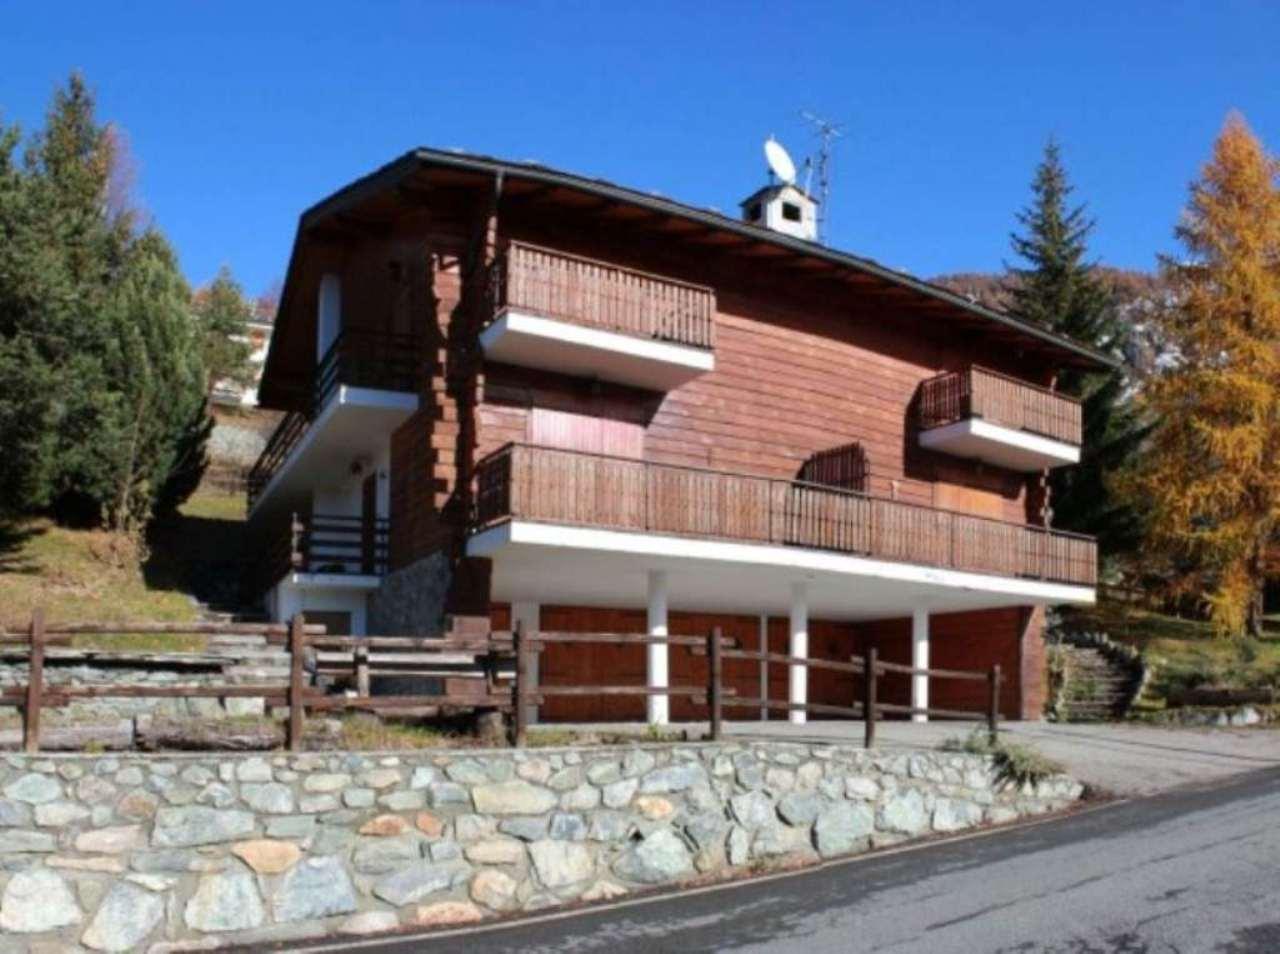 Attico / Mansarda in vendita a La Magdeleine, 4 locali, prezzo € 240.000 | Cambio Casa.it